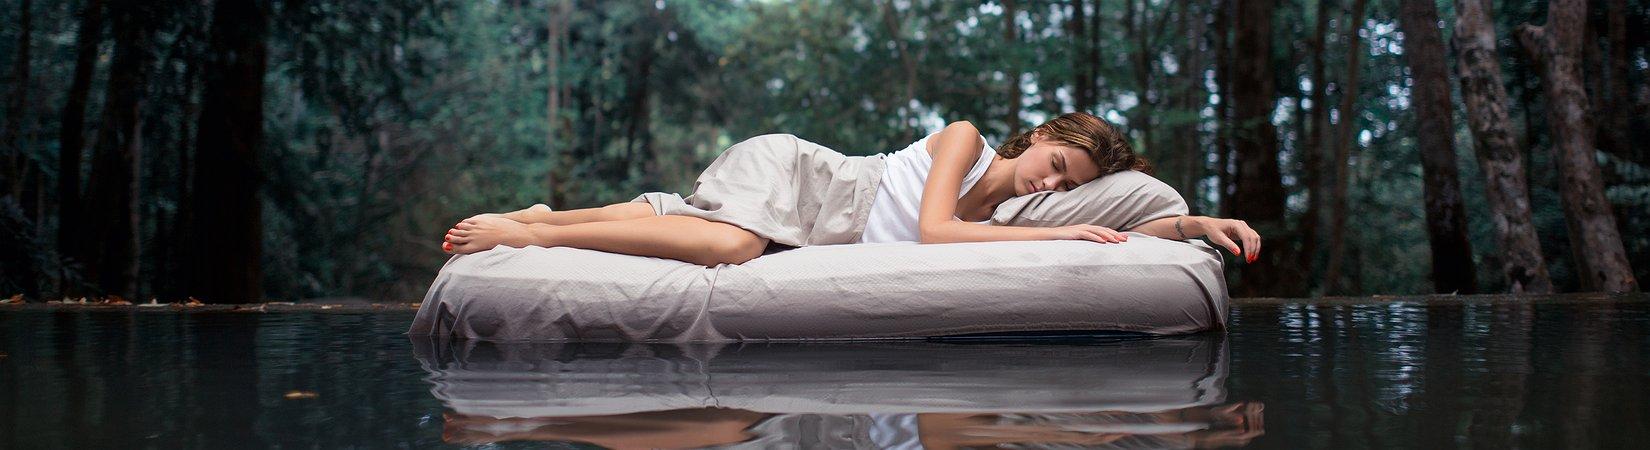 Truques para uma boa noite de sono